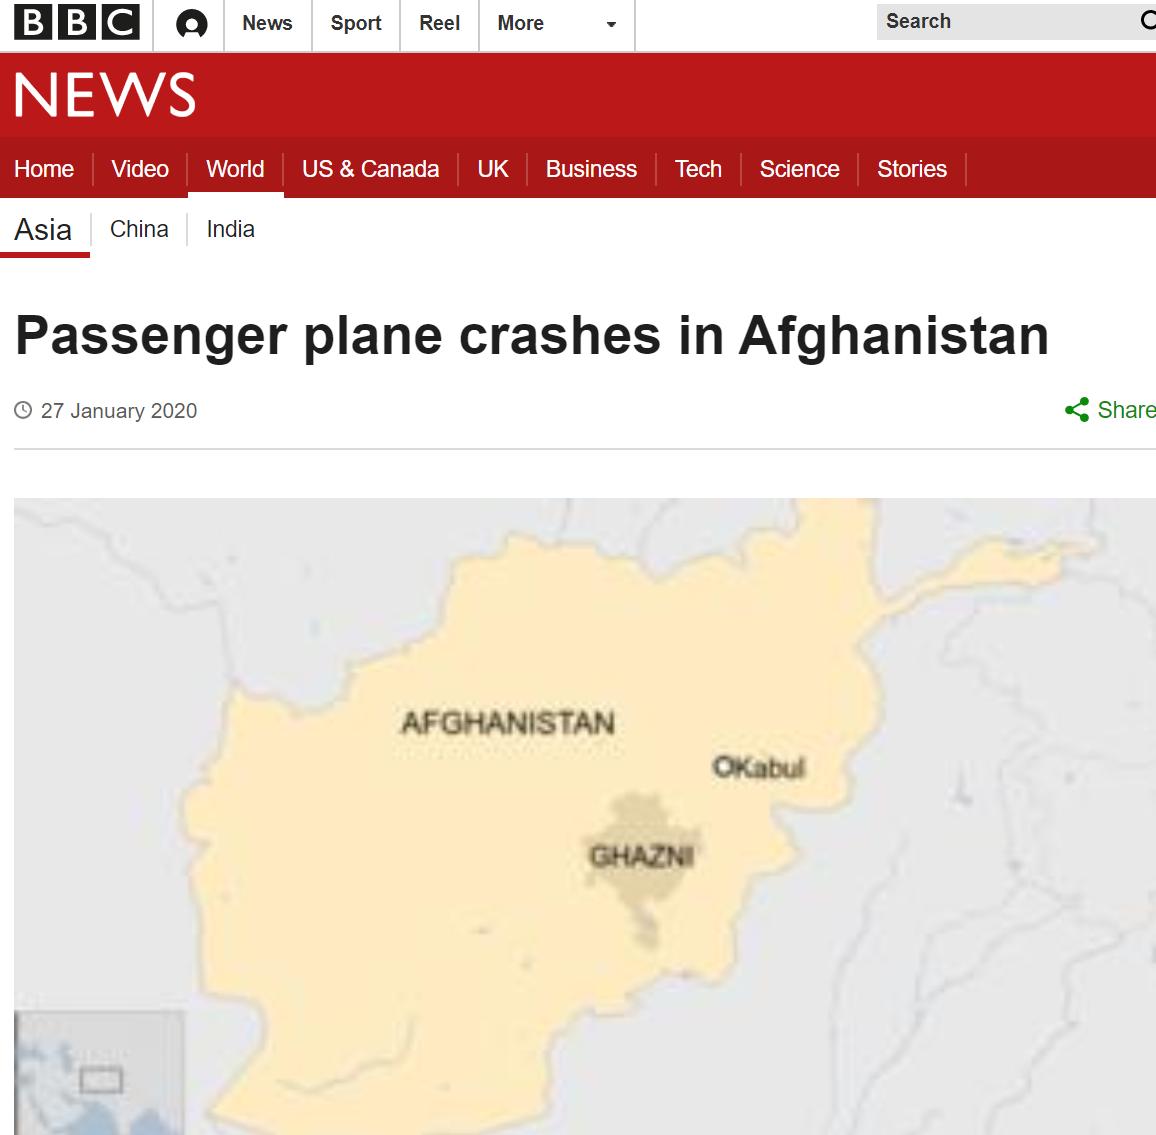 突發!一架波音飛機在中東墜毀!2020年開年悲劇不斷!